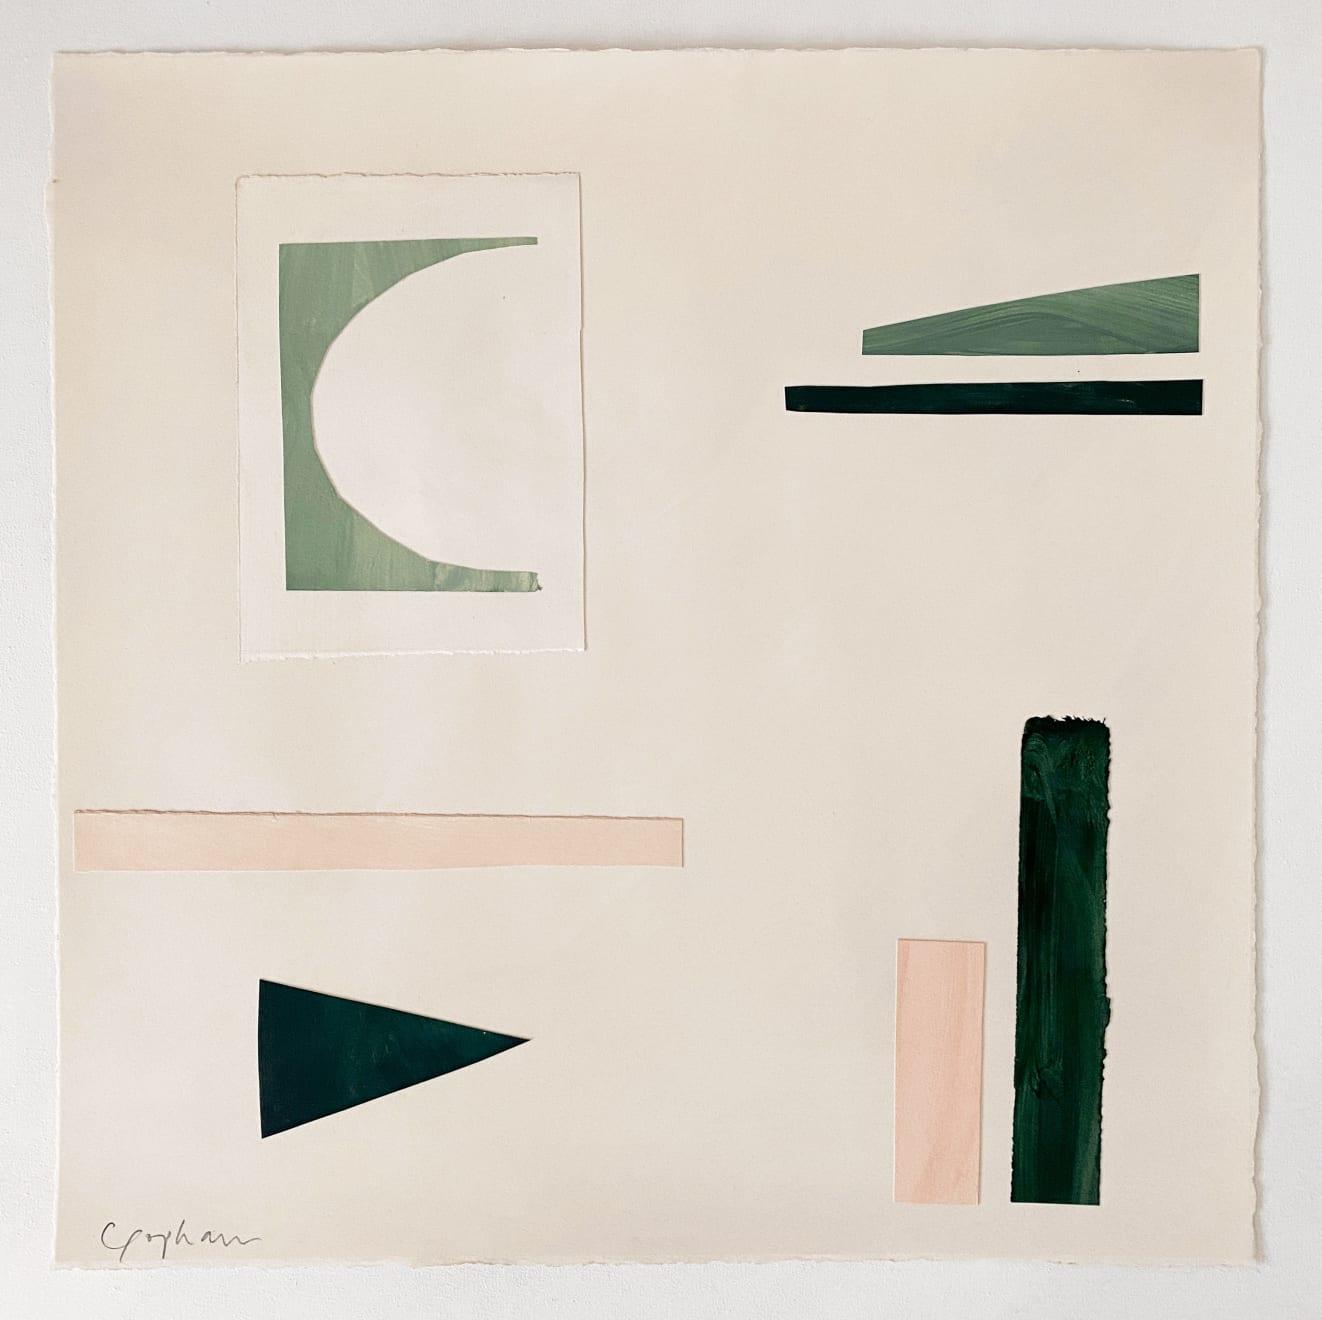 Caroline Popham, Untitled 20-24, 2020